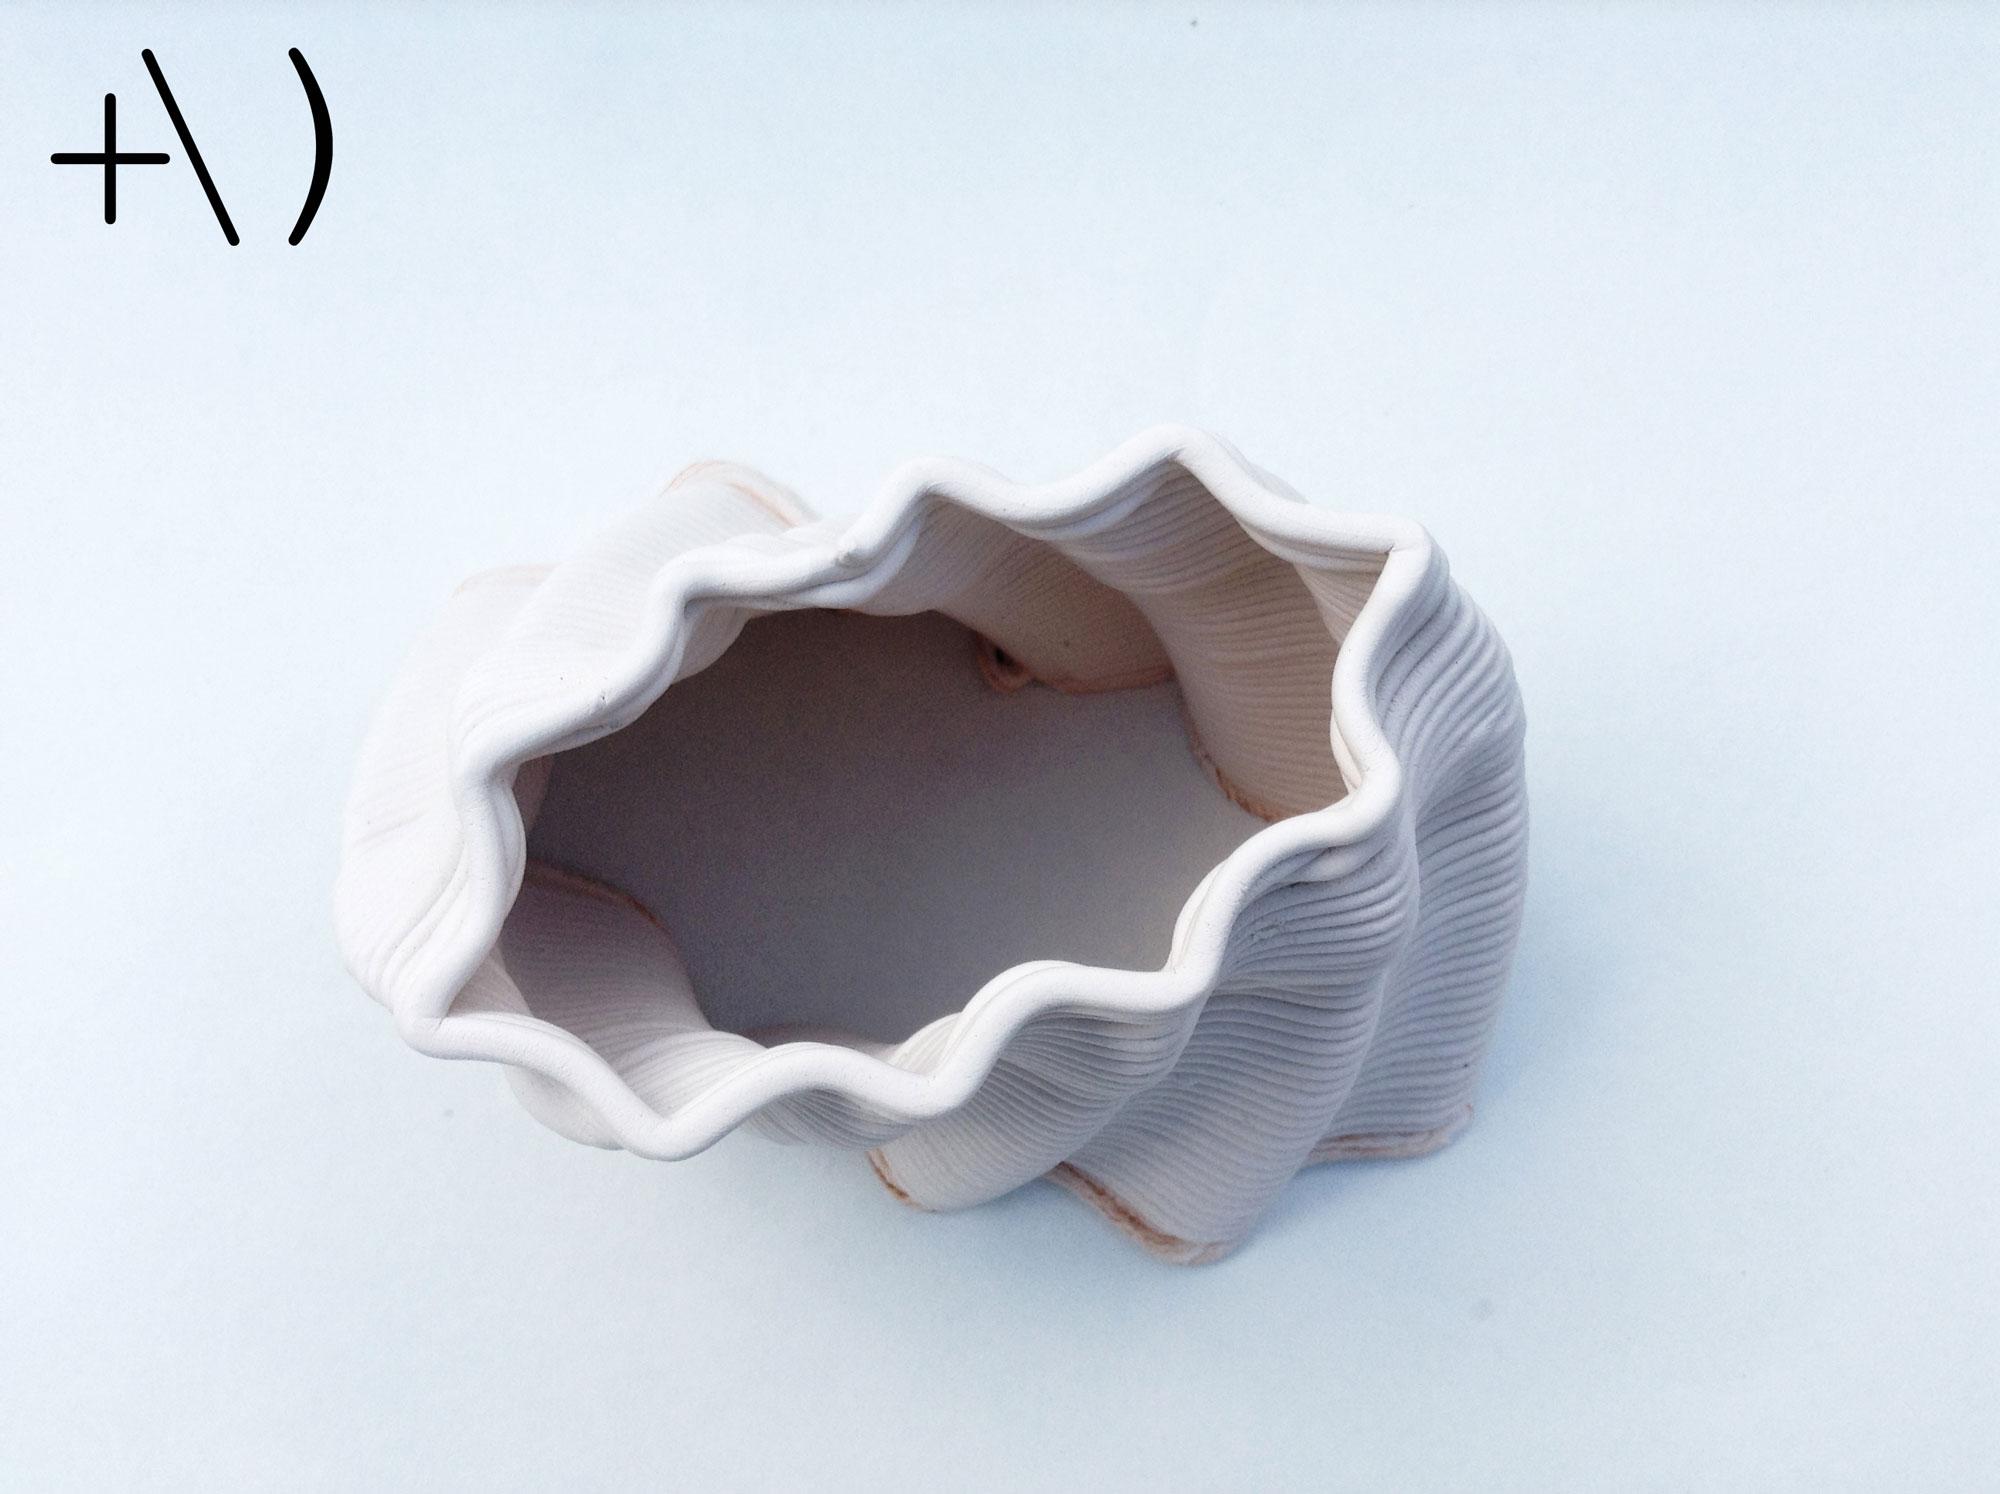 computational clay design torsione dall'alto